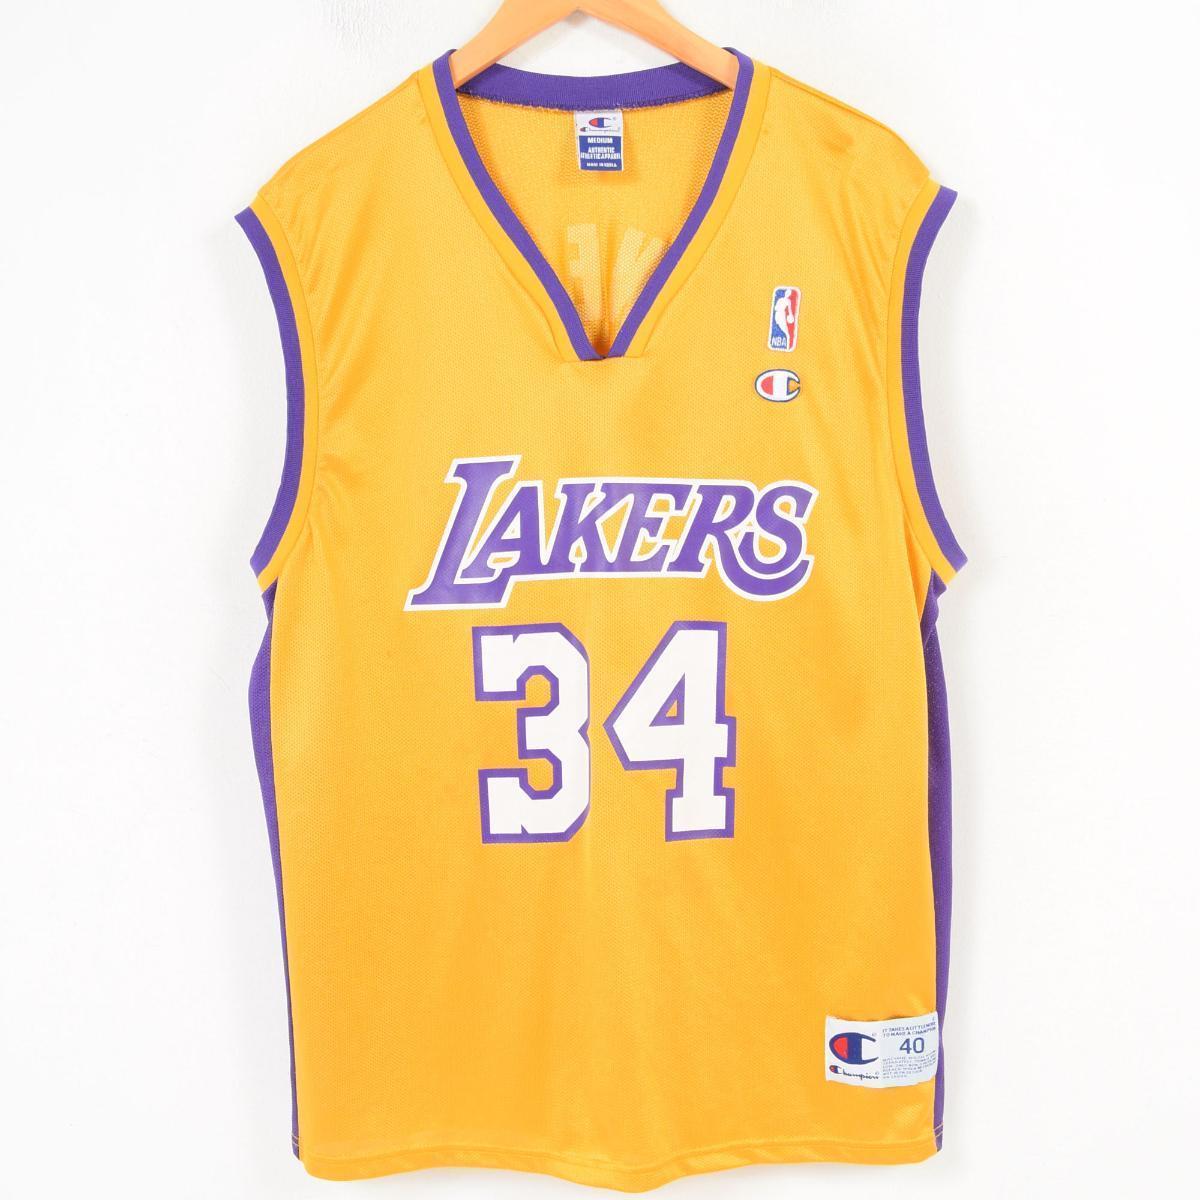 90年代 チャンピオン Champion NBA LOS ANGELES LAKERS ロサンゼルスレイカーズ Shaquille O'Neal シャキールオニール ゲームシャツ レプリカユニフォーム メンズM /wap1001 【中古】 【180401】